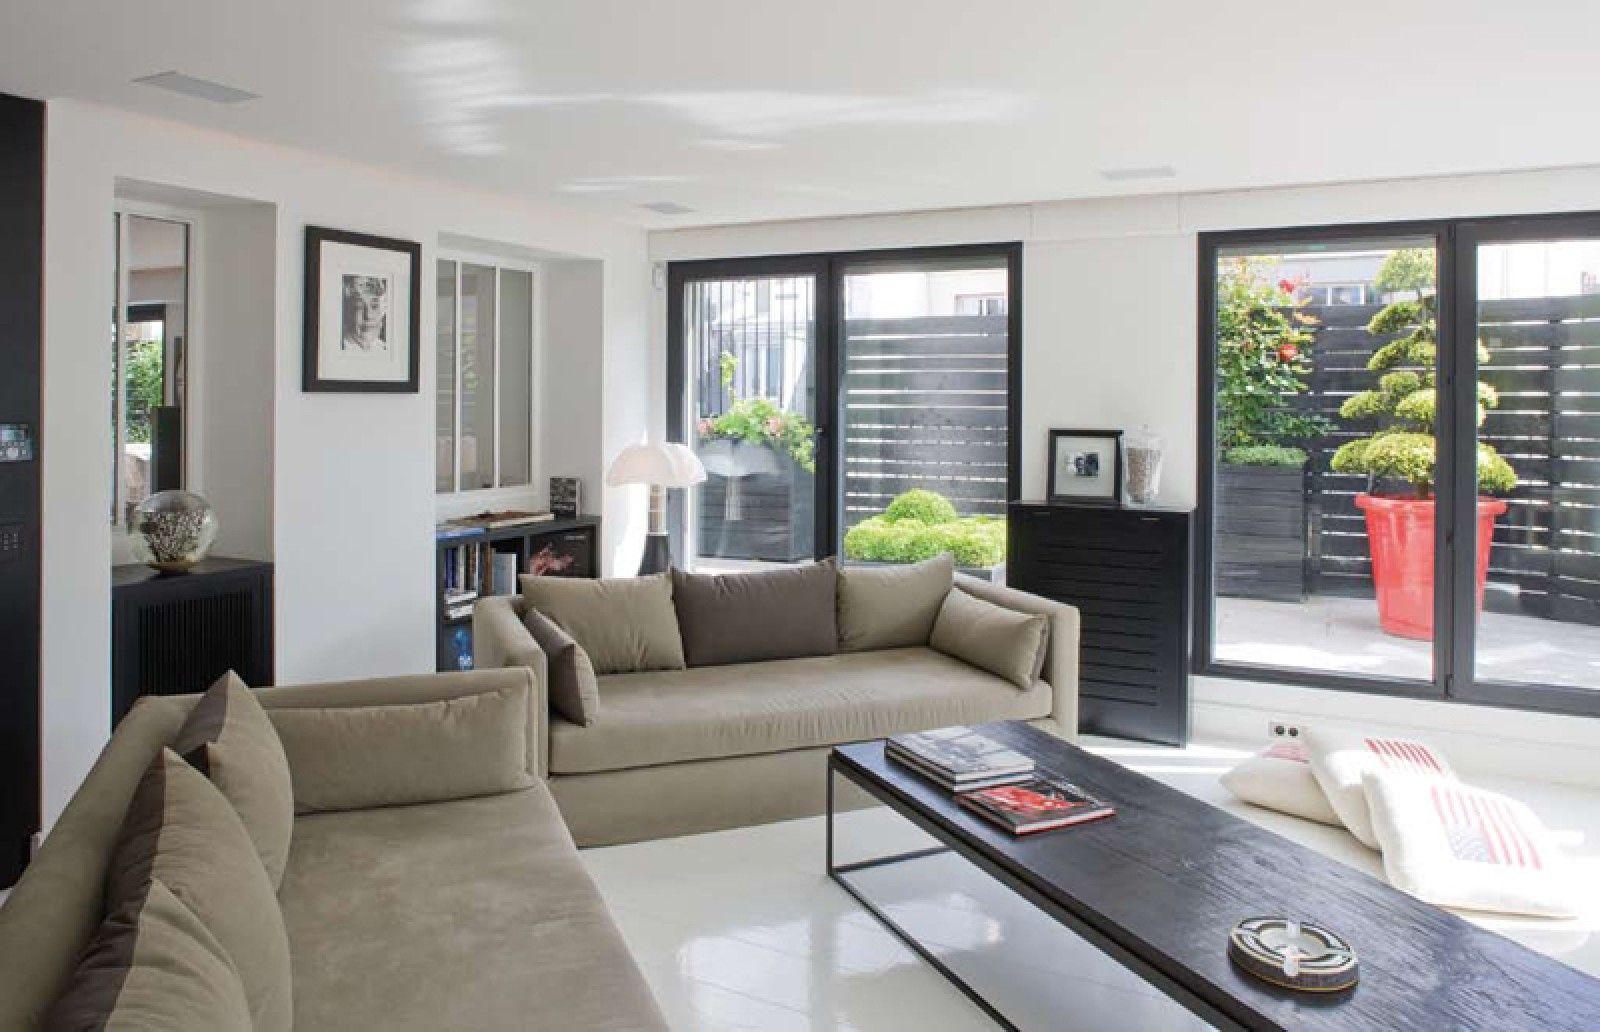 Neue wohnzimmer innenarchitektur duplex parisien  sarah lavoine  home  pinterest